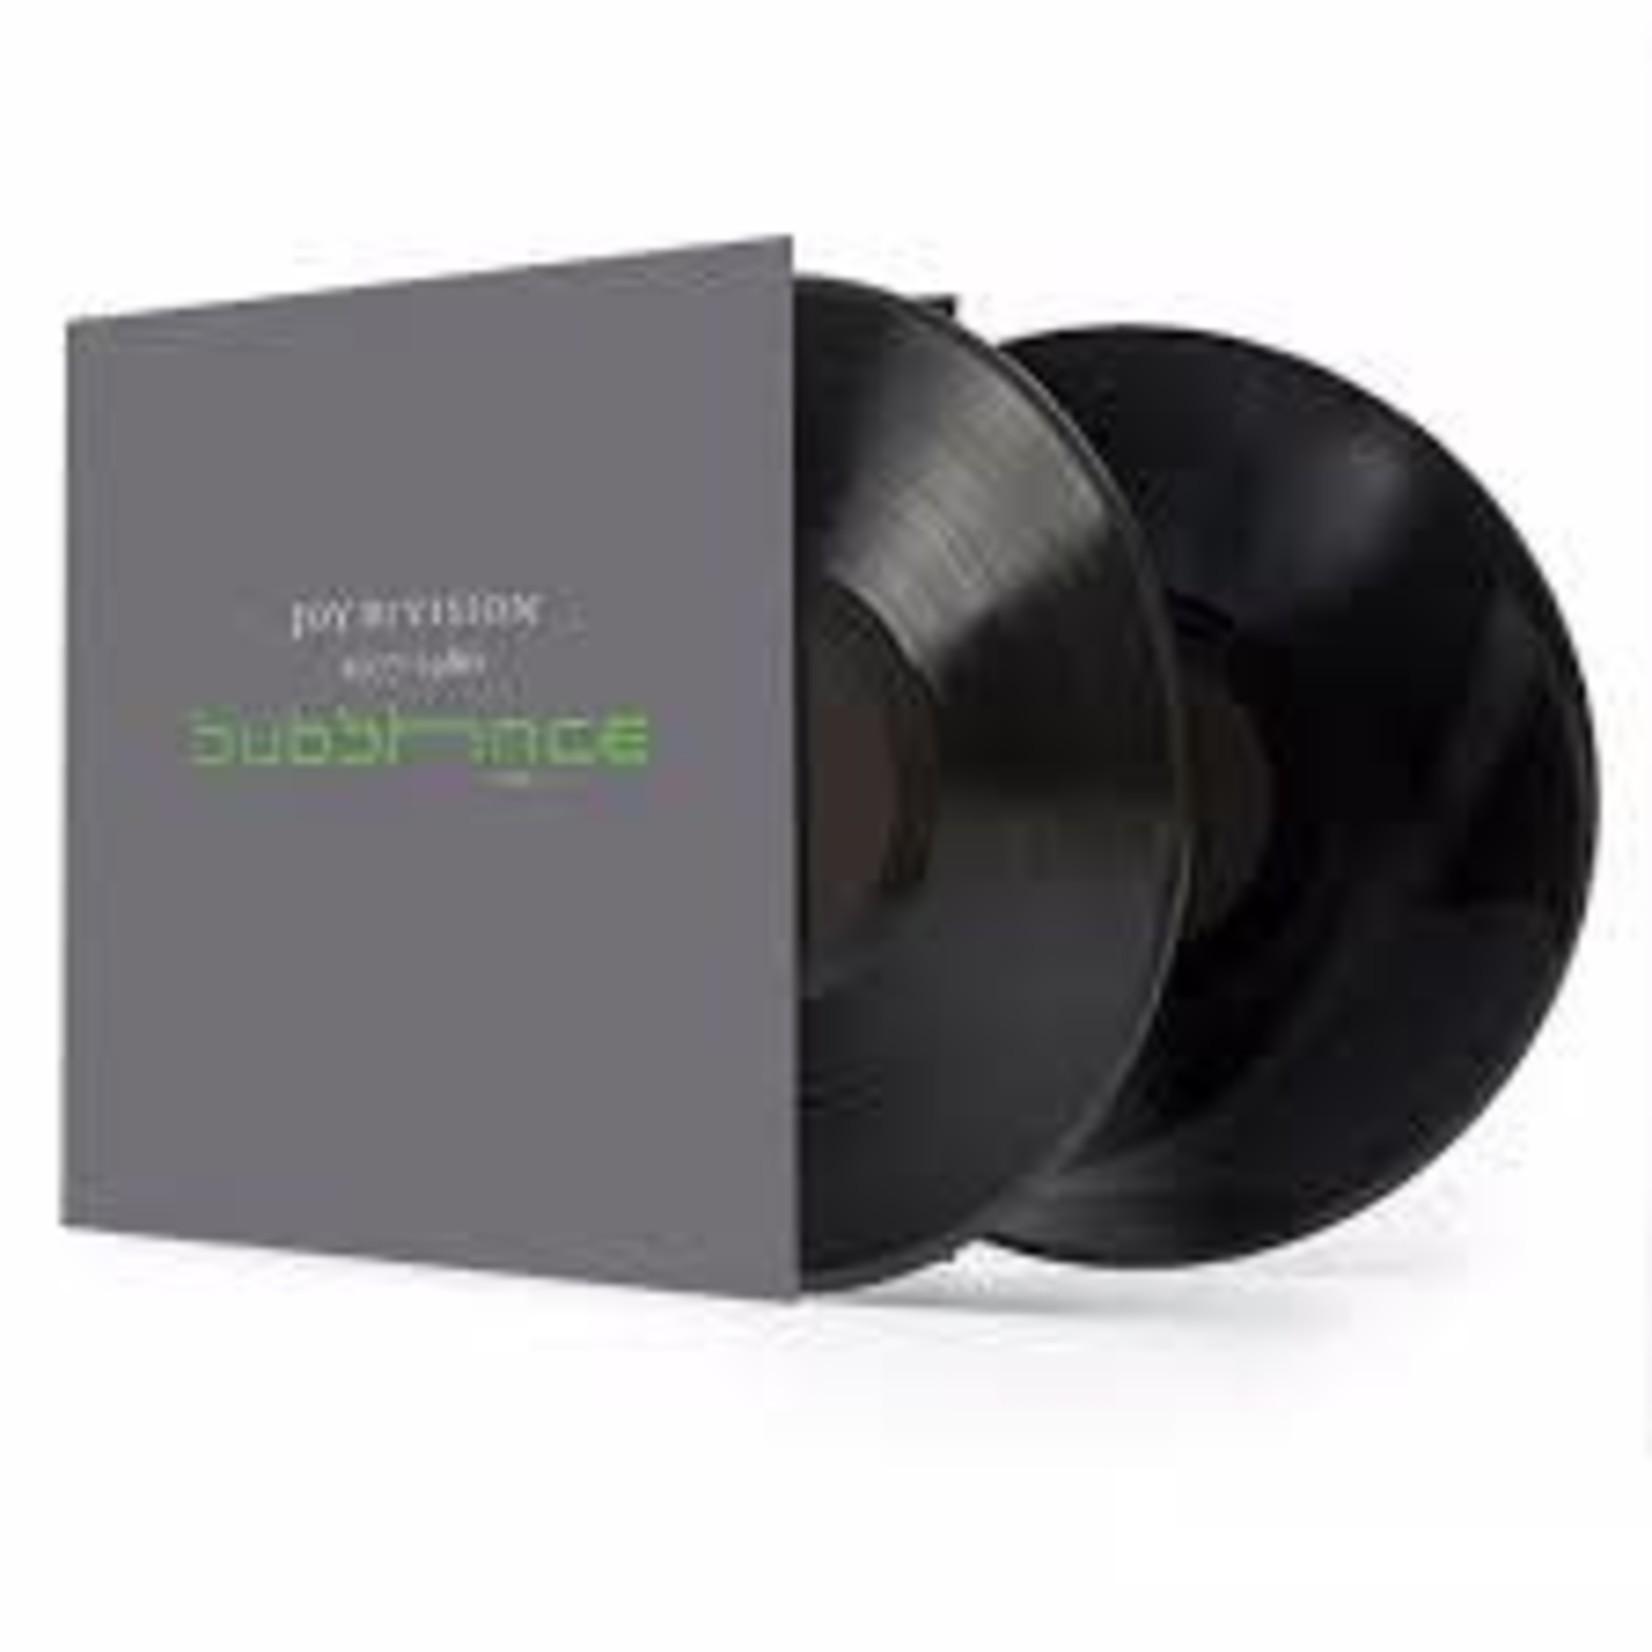 JOY DIVISION - SUBSTANCE (2LP) (VINYL)